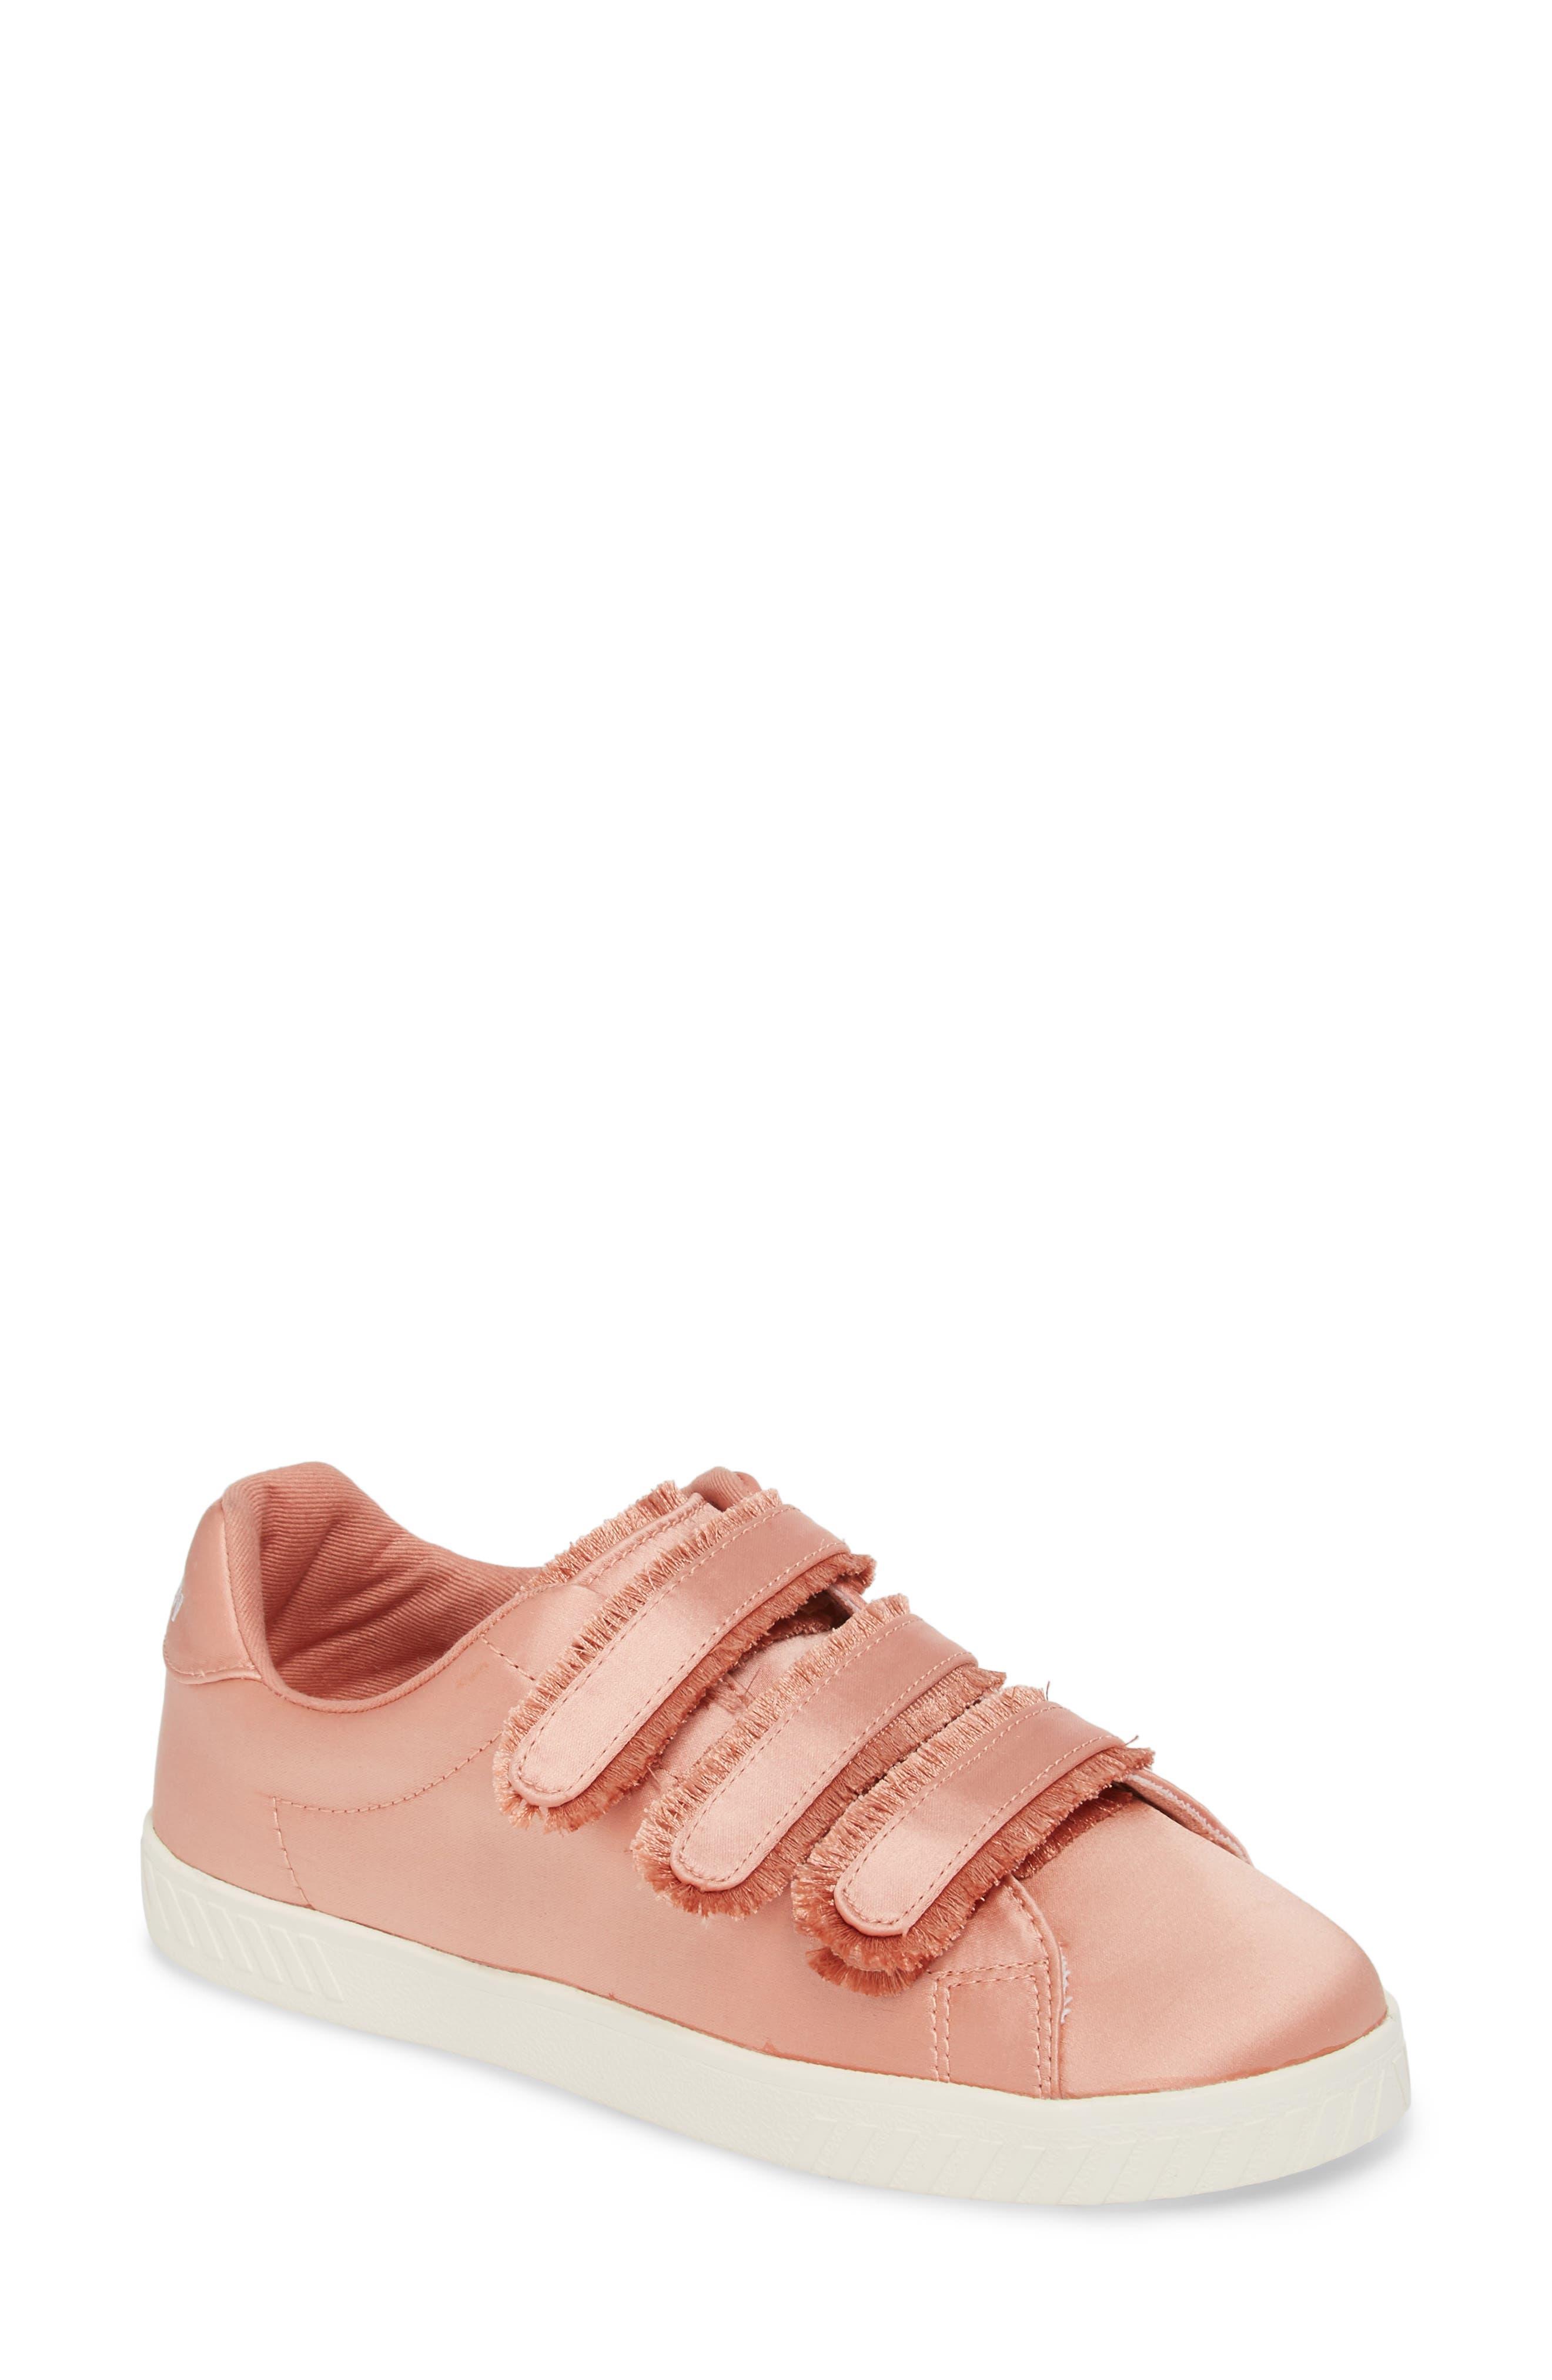 Tretorn Fringed Strap Sneaker (Women)